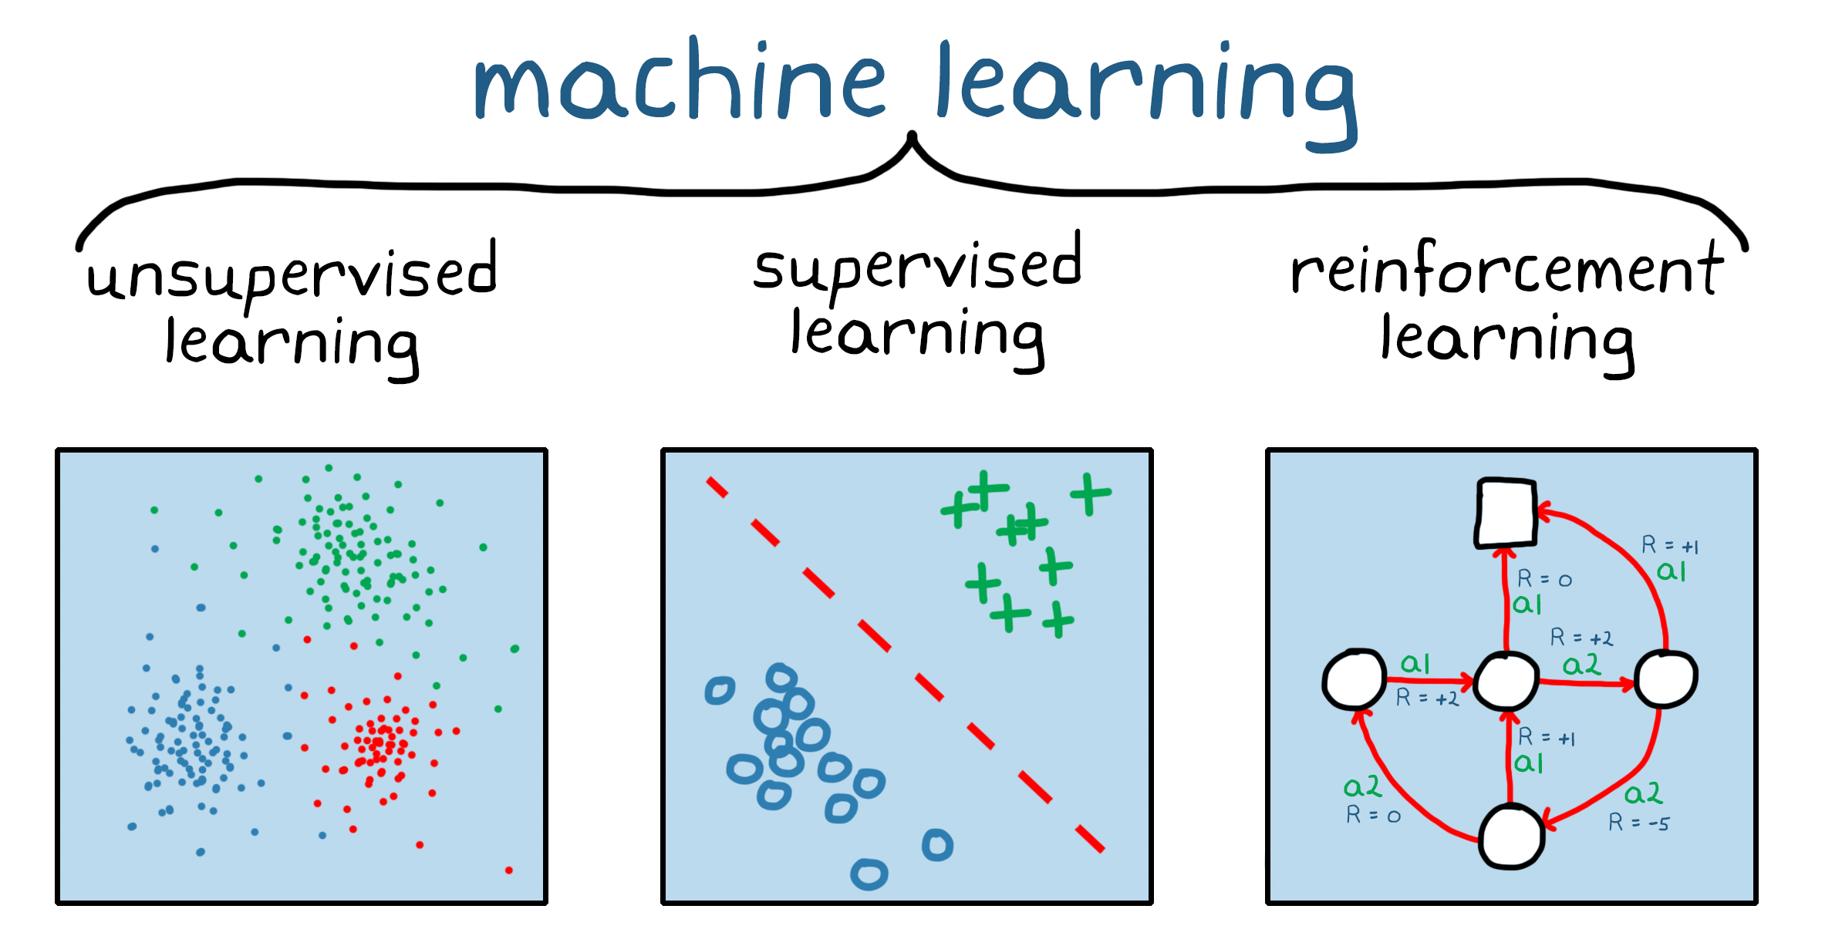 Figura 1. Tre ampie categorie di machine learning: apprendimento senza supervisione, apprendimento con supervisione e reinforcement learning